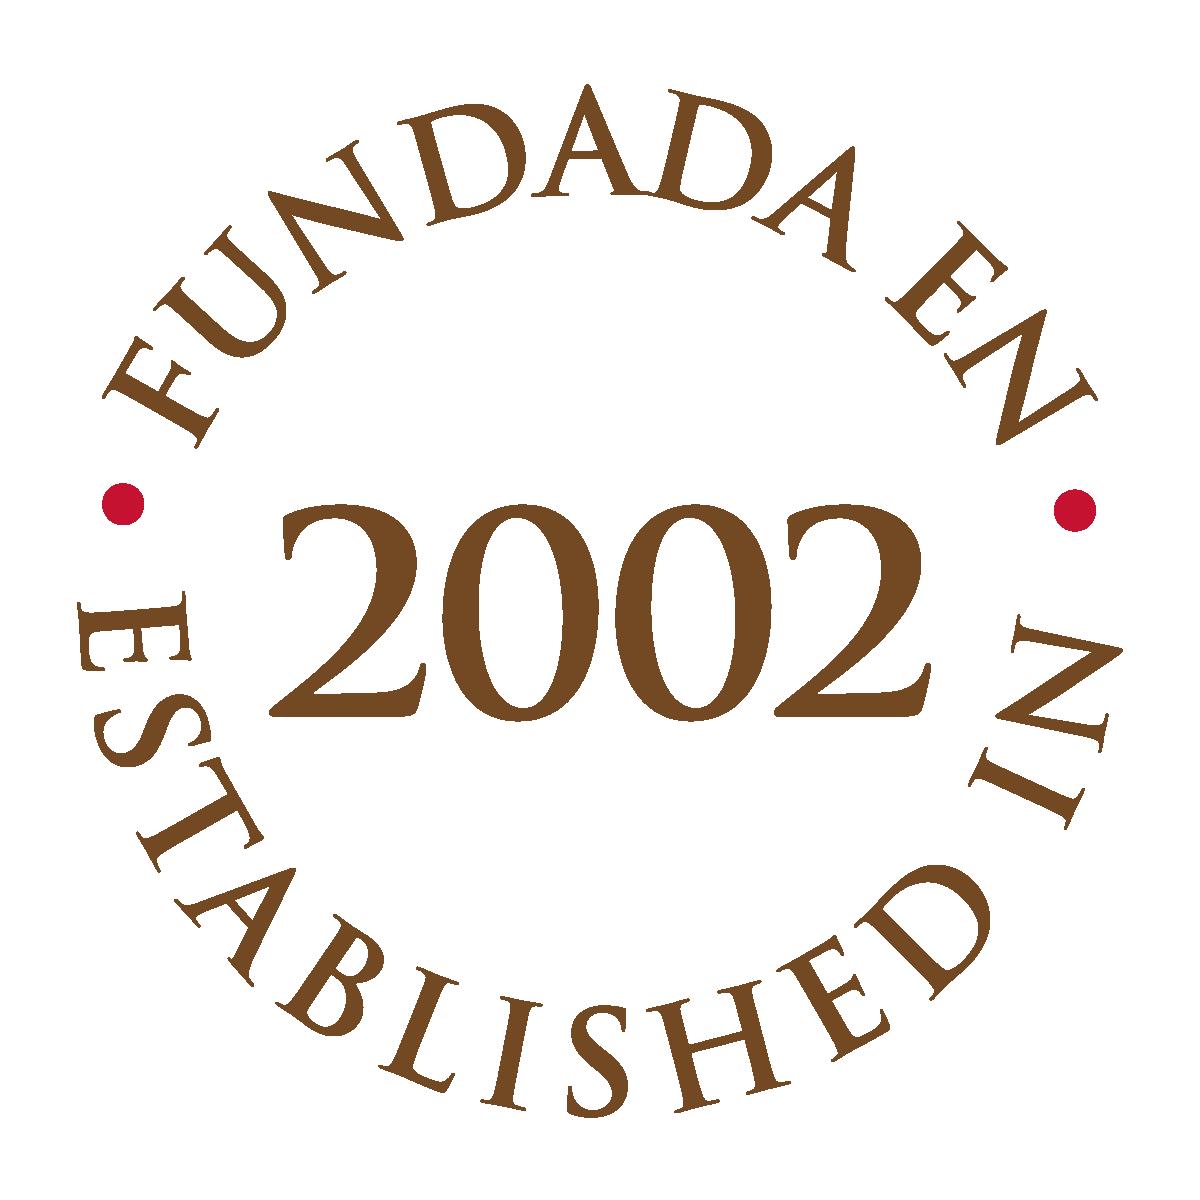 Fundadaen2002